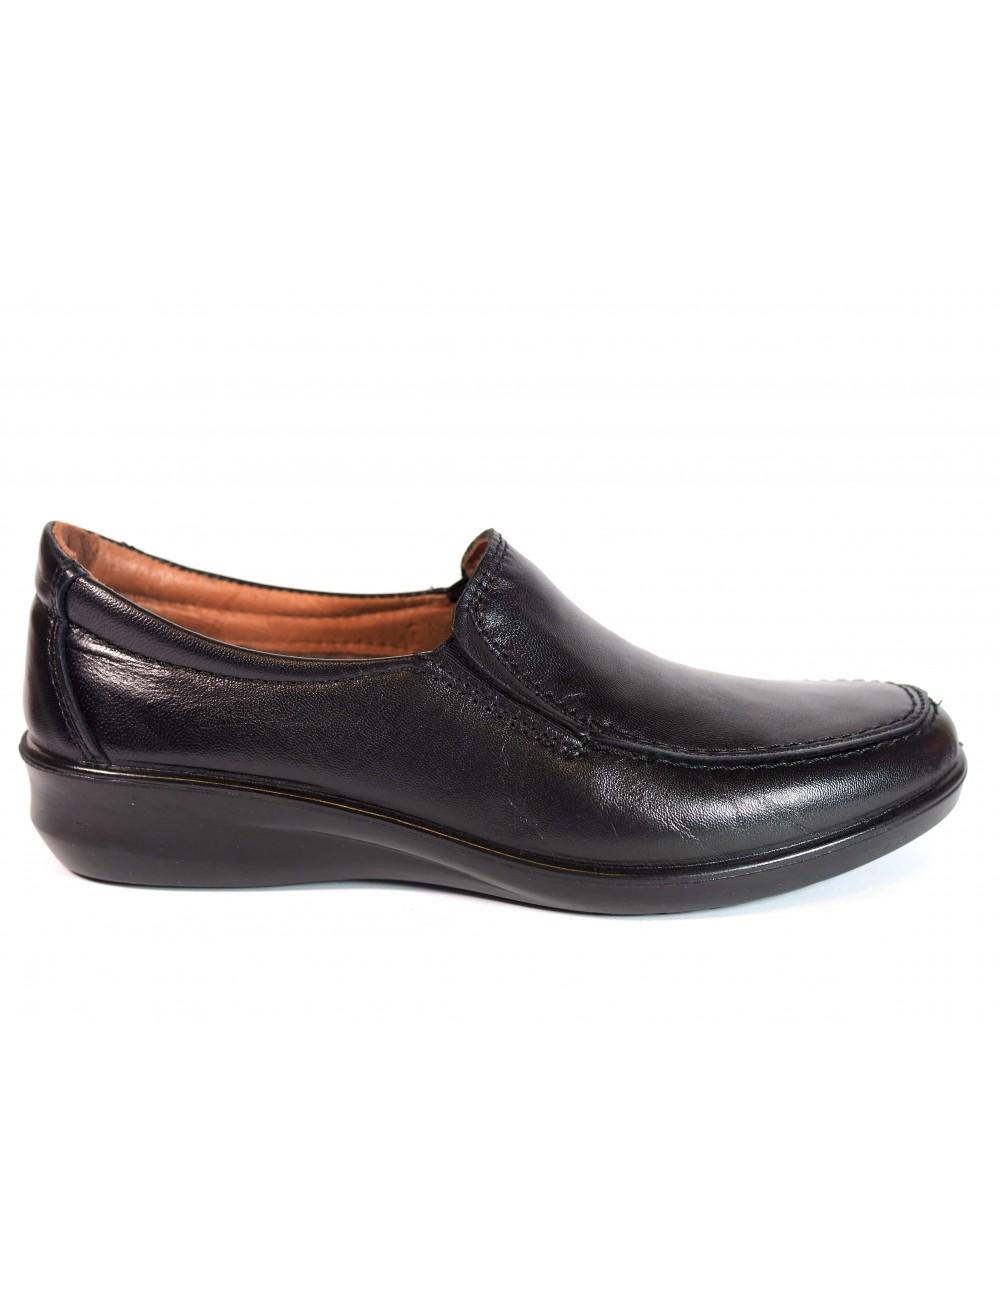 LUISETTI 0302 Zapato Profesional Piel Mujer